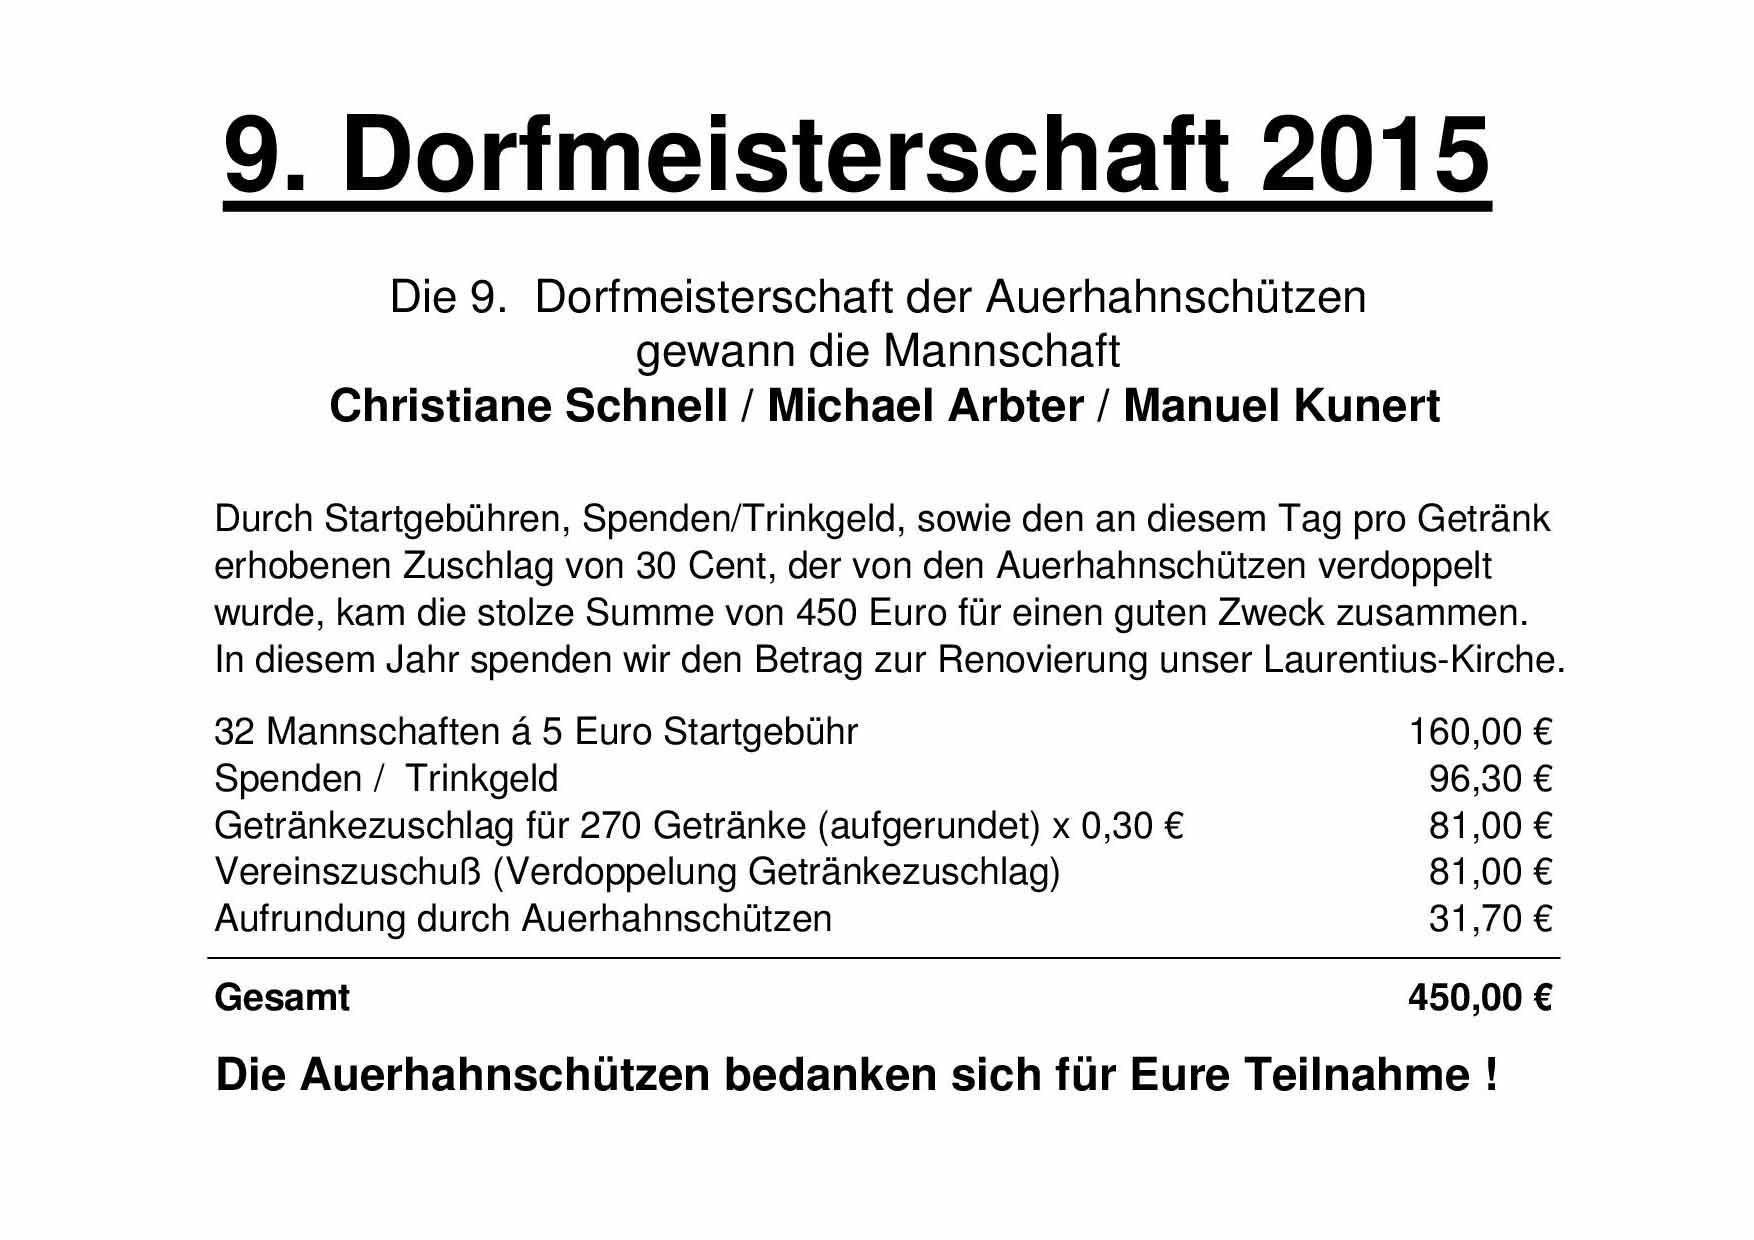 2015-Dorfmeisterschaft-001-2